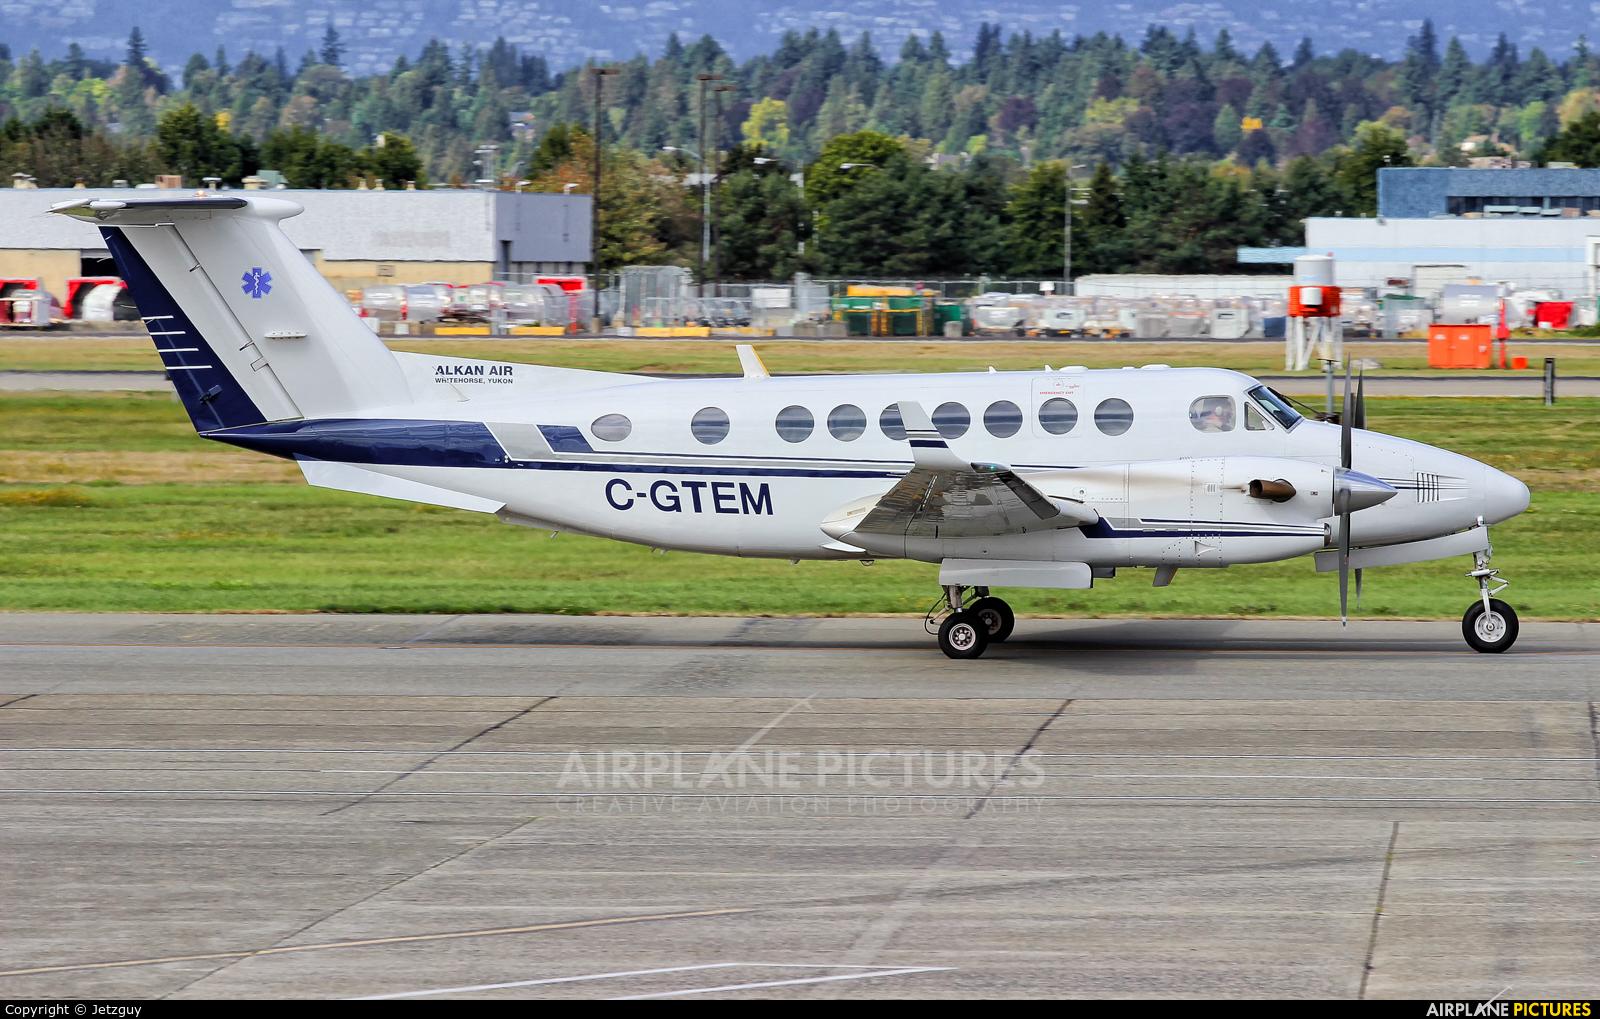 Alkan Air C-GTEM aircraft at Vancouver Intl, BC